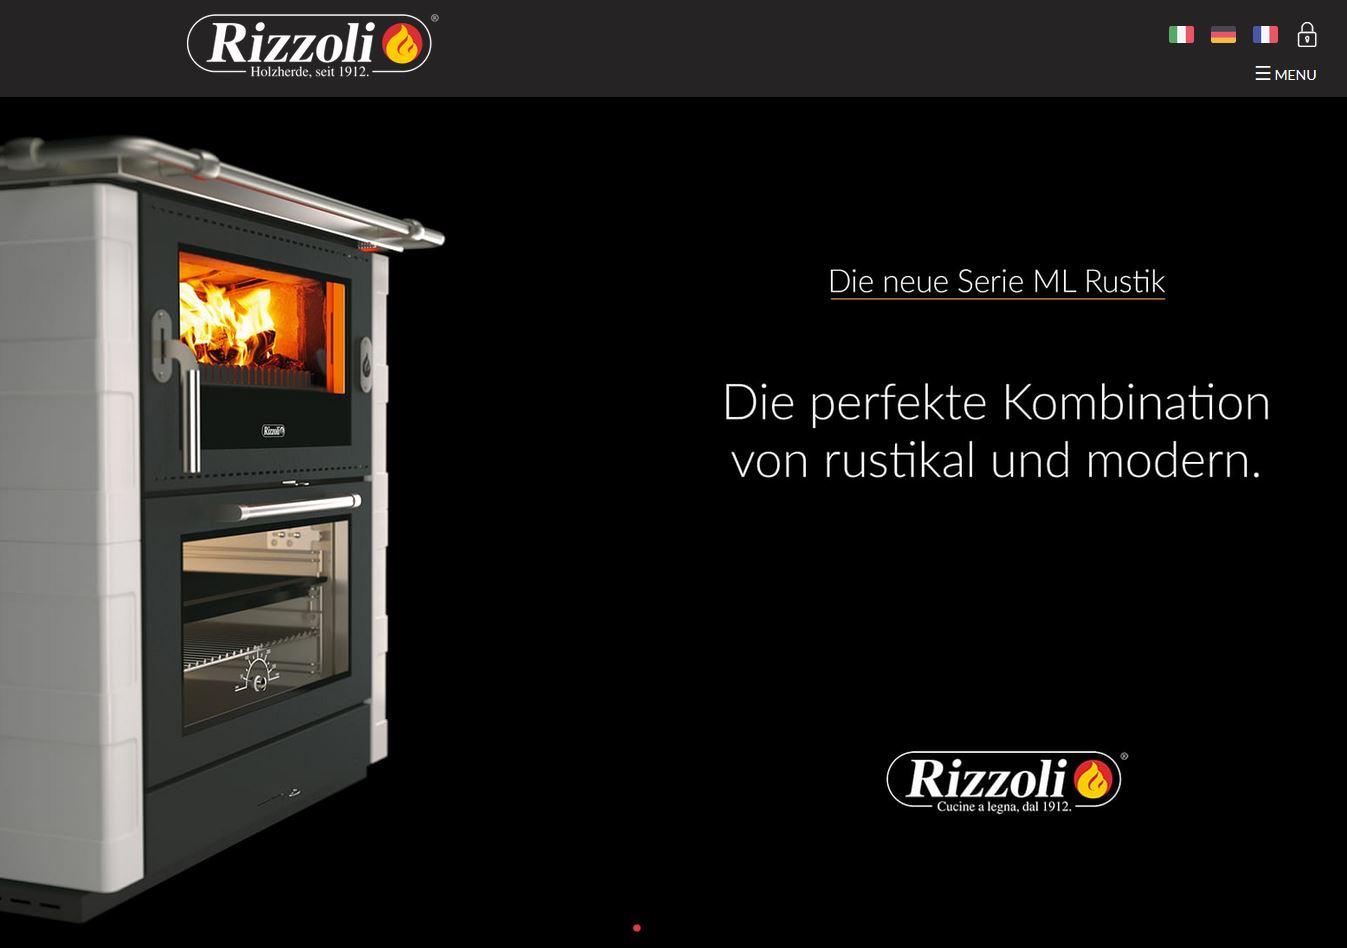 Rizzoli GmbH